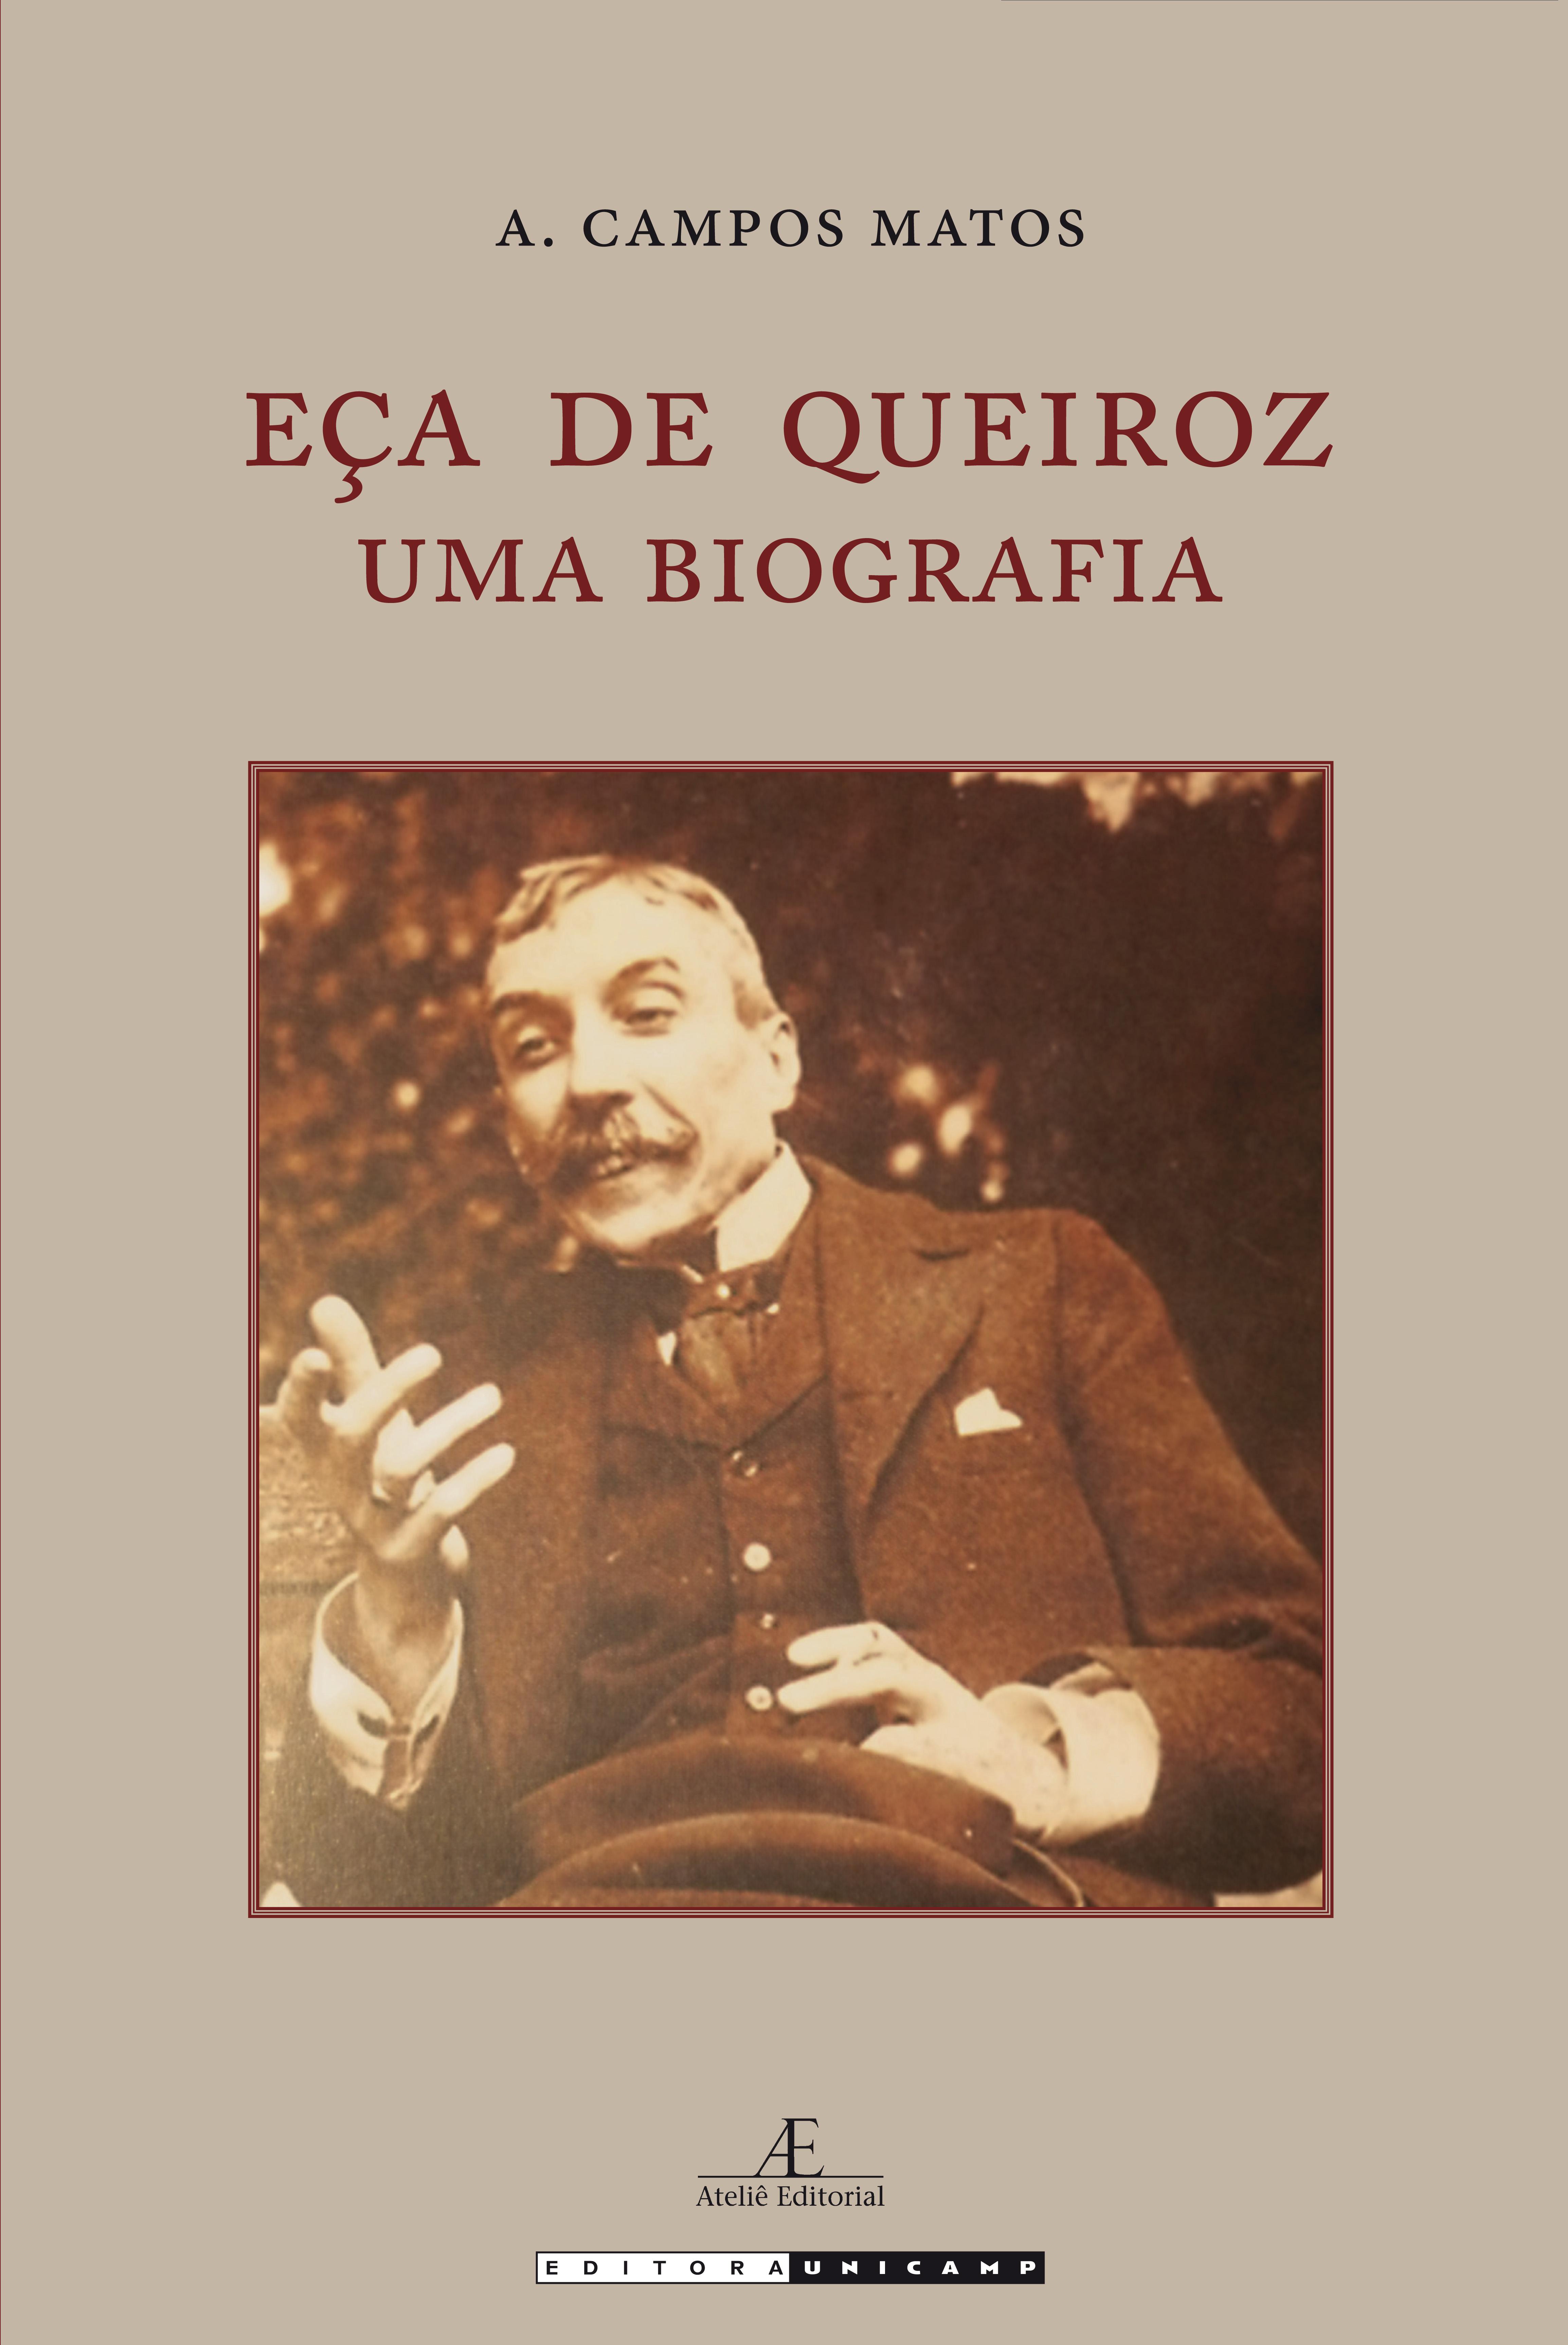 Eça de Queiroz - Uma biografia, livro de A. Campos Matos